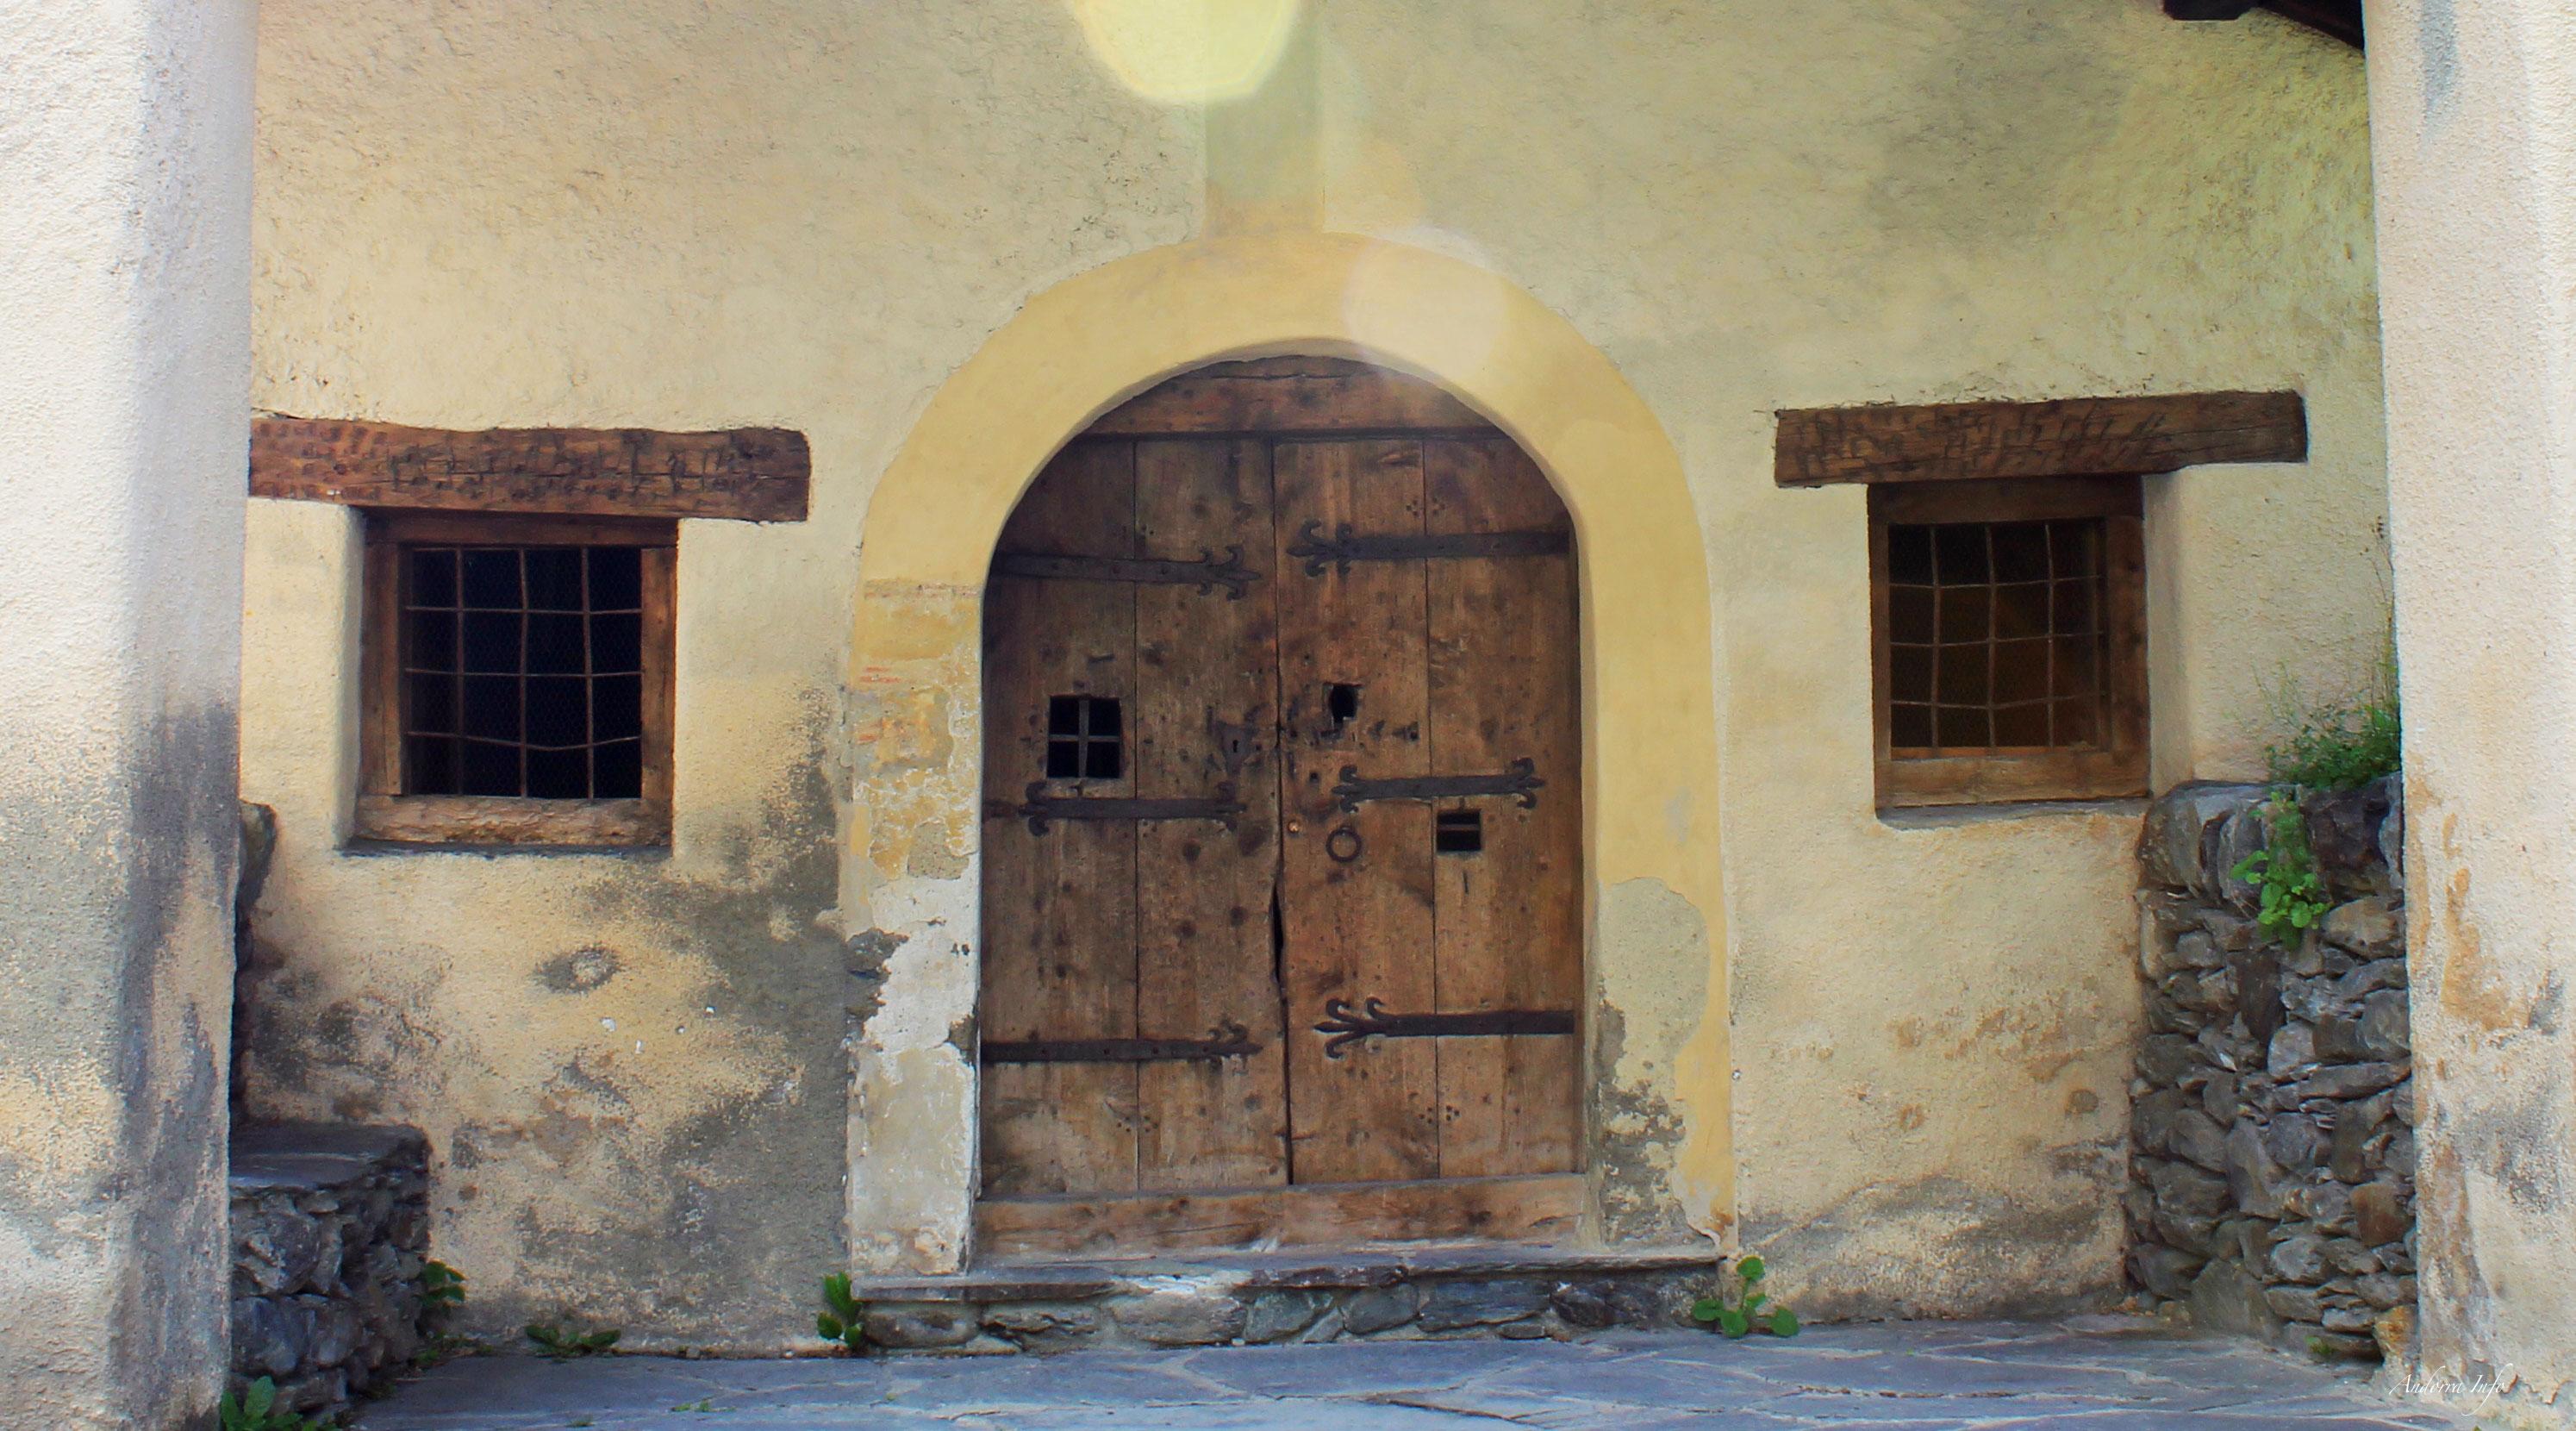 Iglesia Santa Creu - Canillo